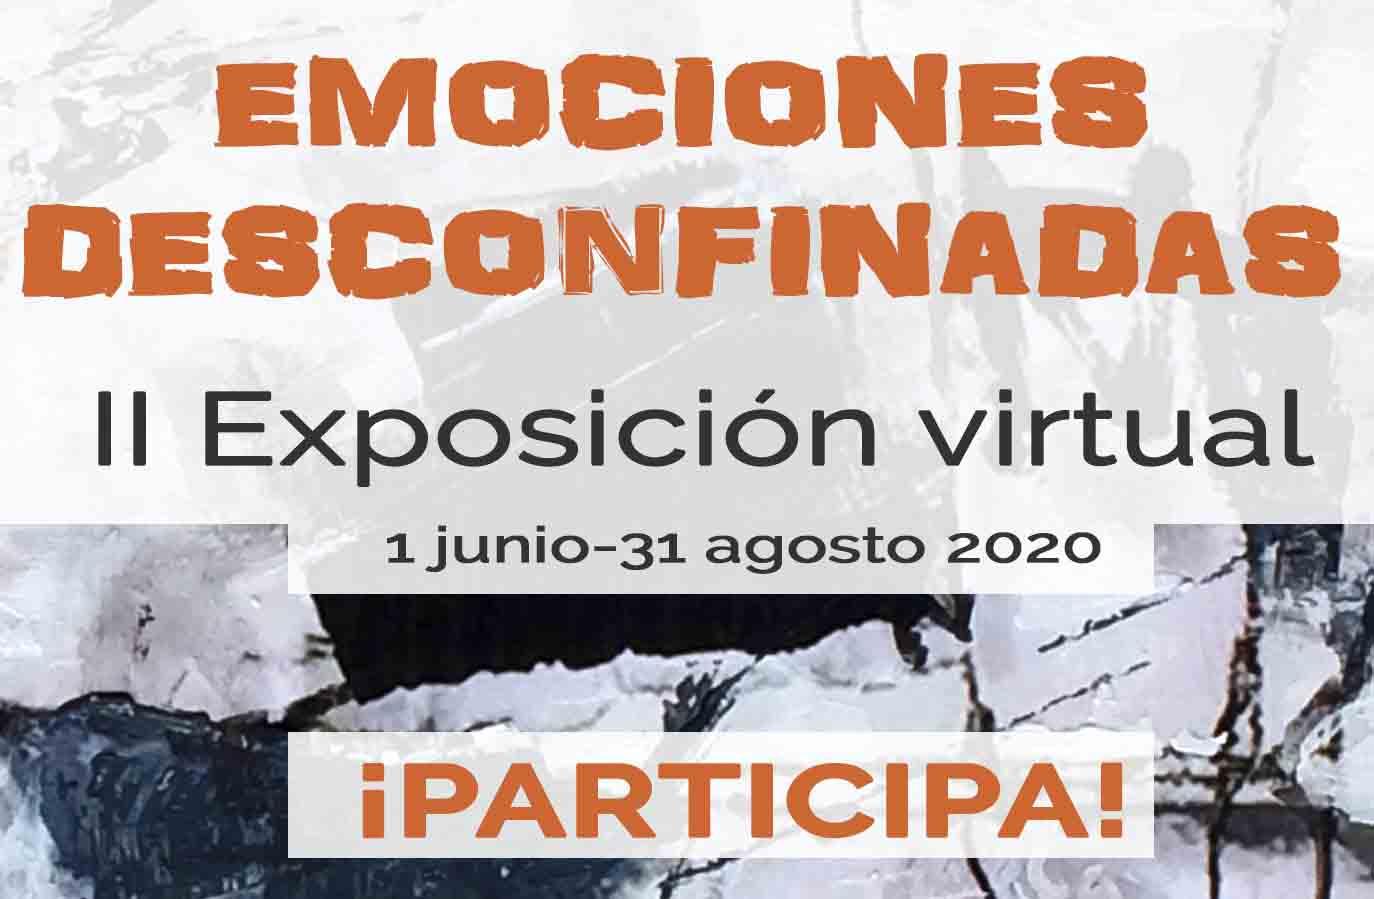 exposicion virtual de arte gratis bookartis 2020